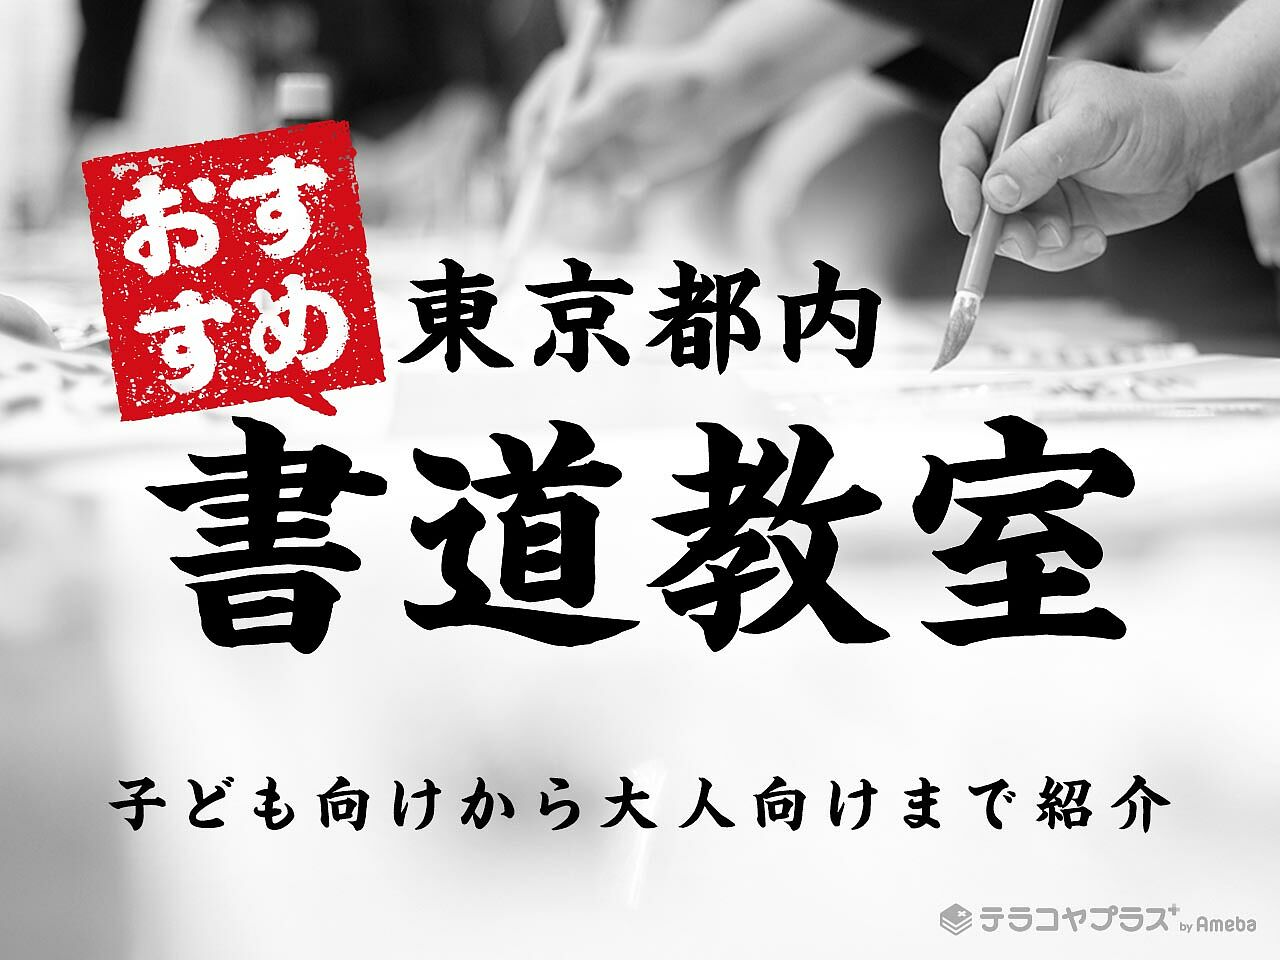 東京都内の書道教室おすすめ18選【2021年】子どもから大人まで毛筆や硬筆・ペン字も紹介の画像